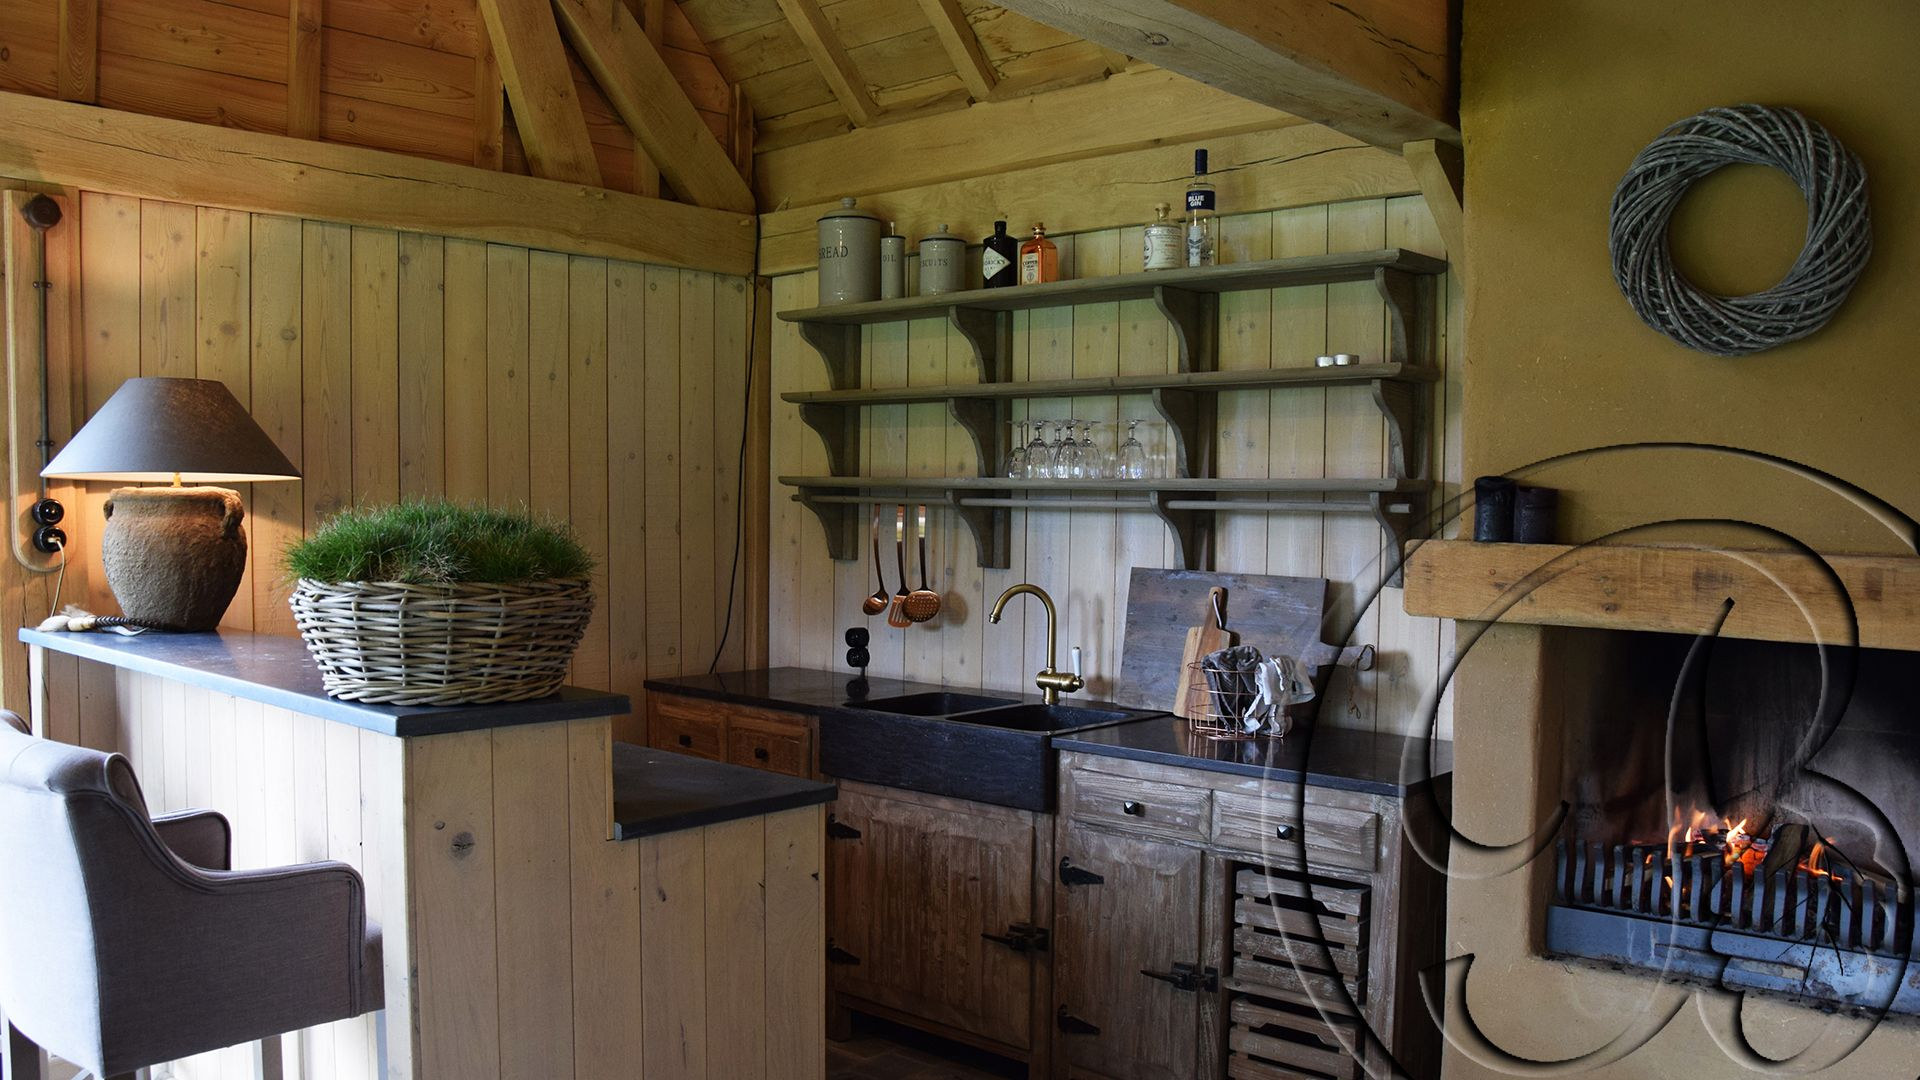 Poolhouse keuken met gekaleide open haard in een houten bijgebouw van de boomkamer onze - Open haard keuken photo ...